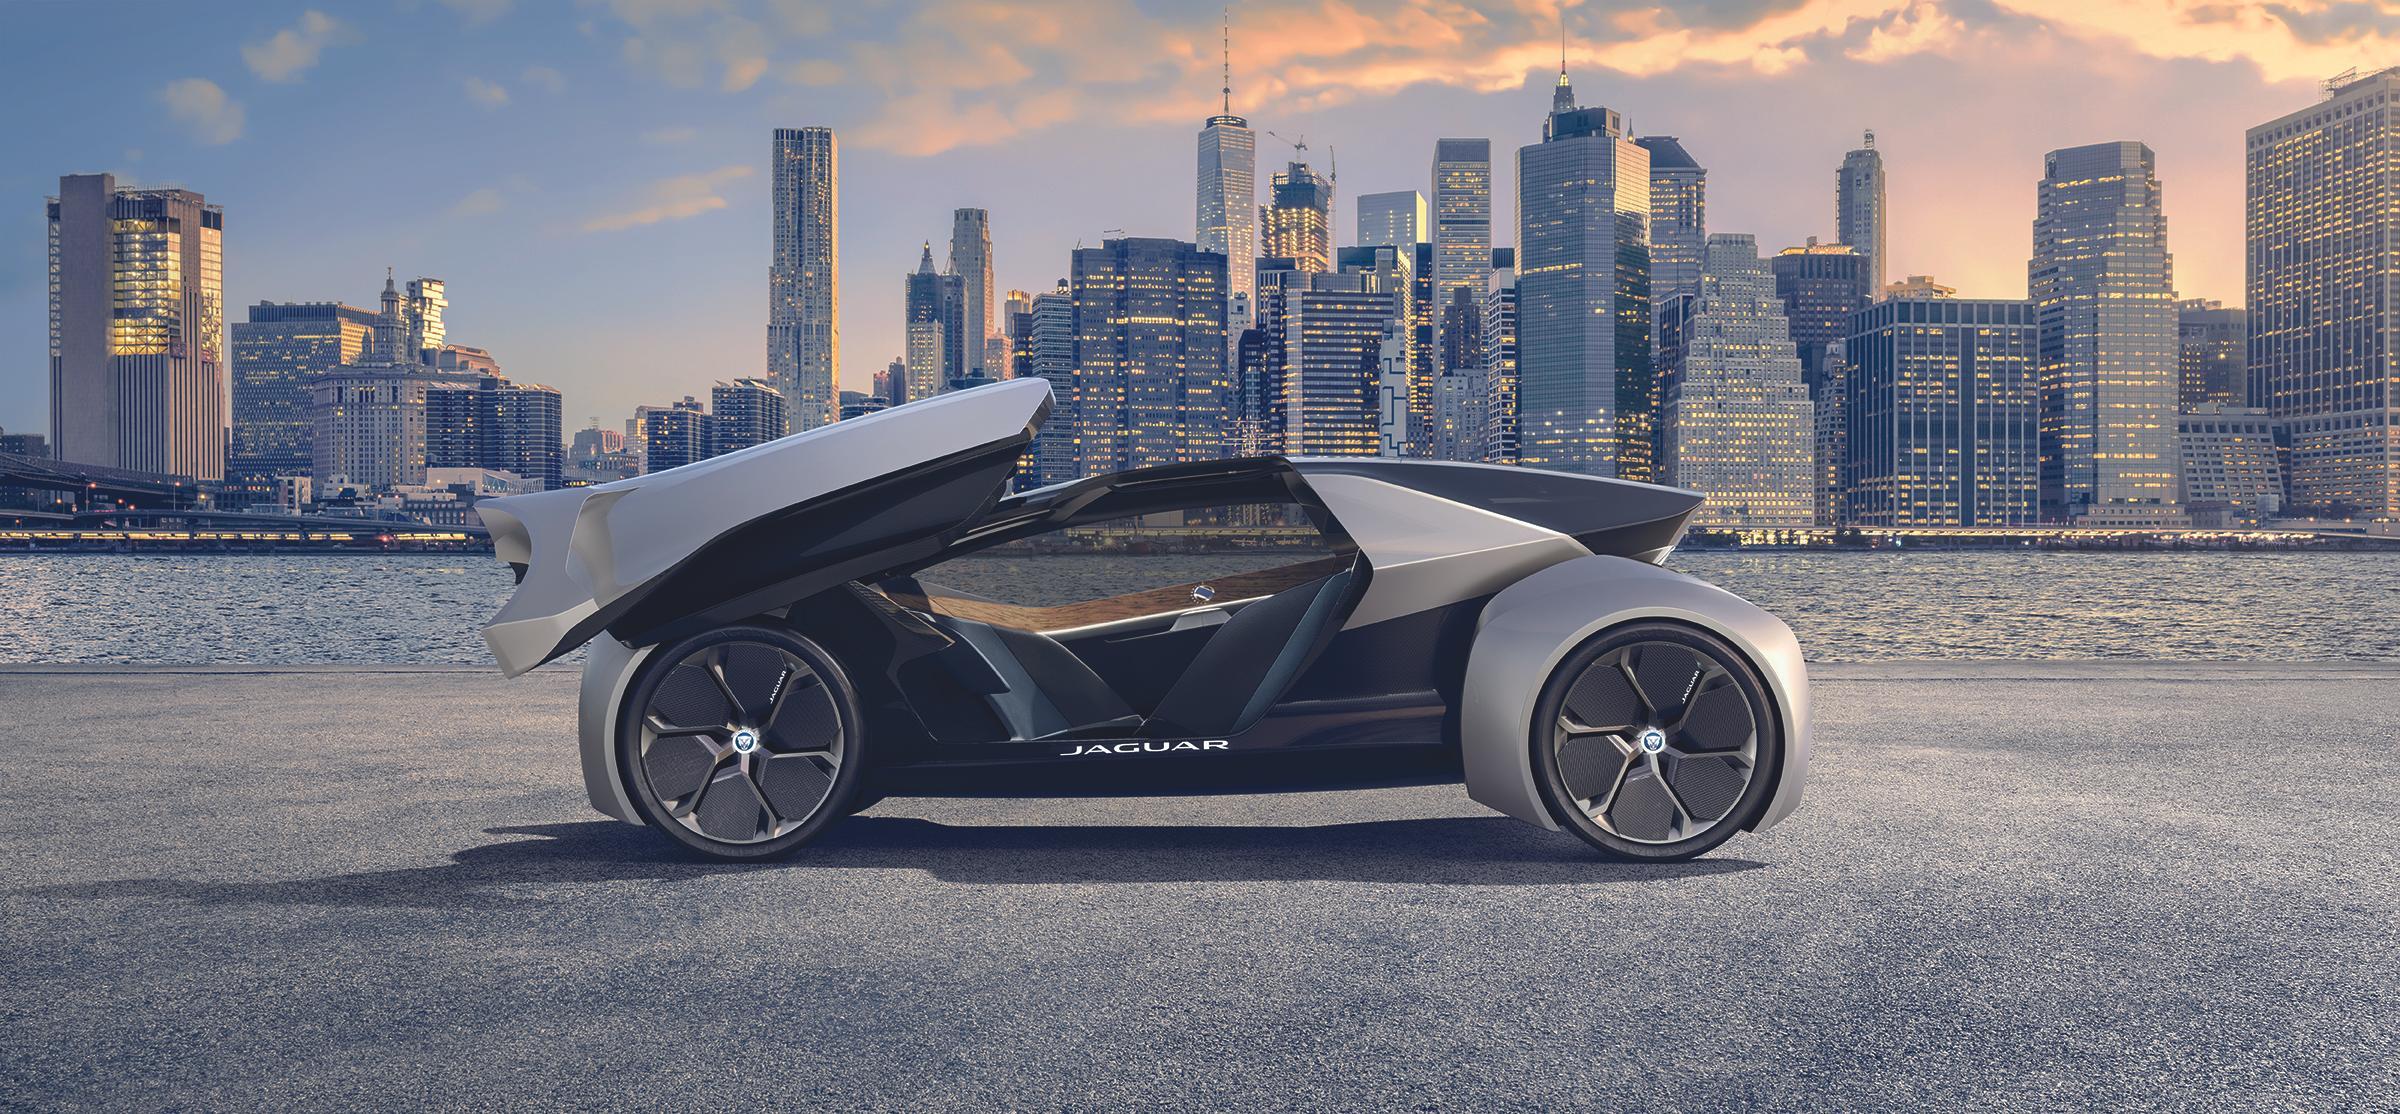 Future-type er Jaguars nyeste konsept